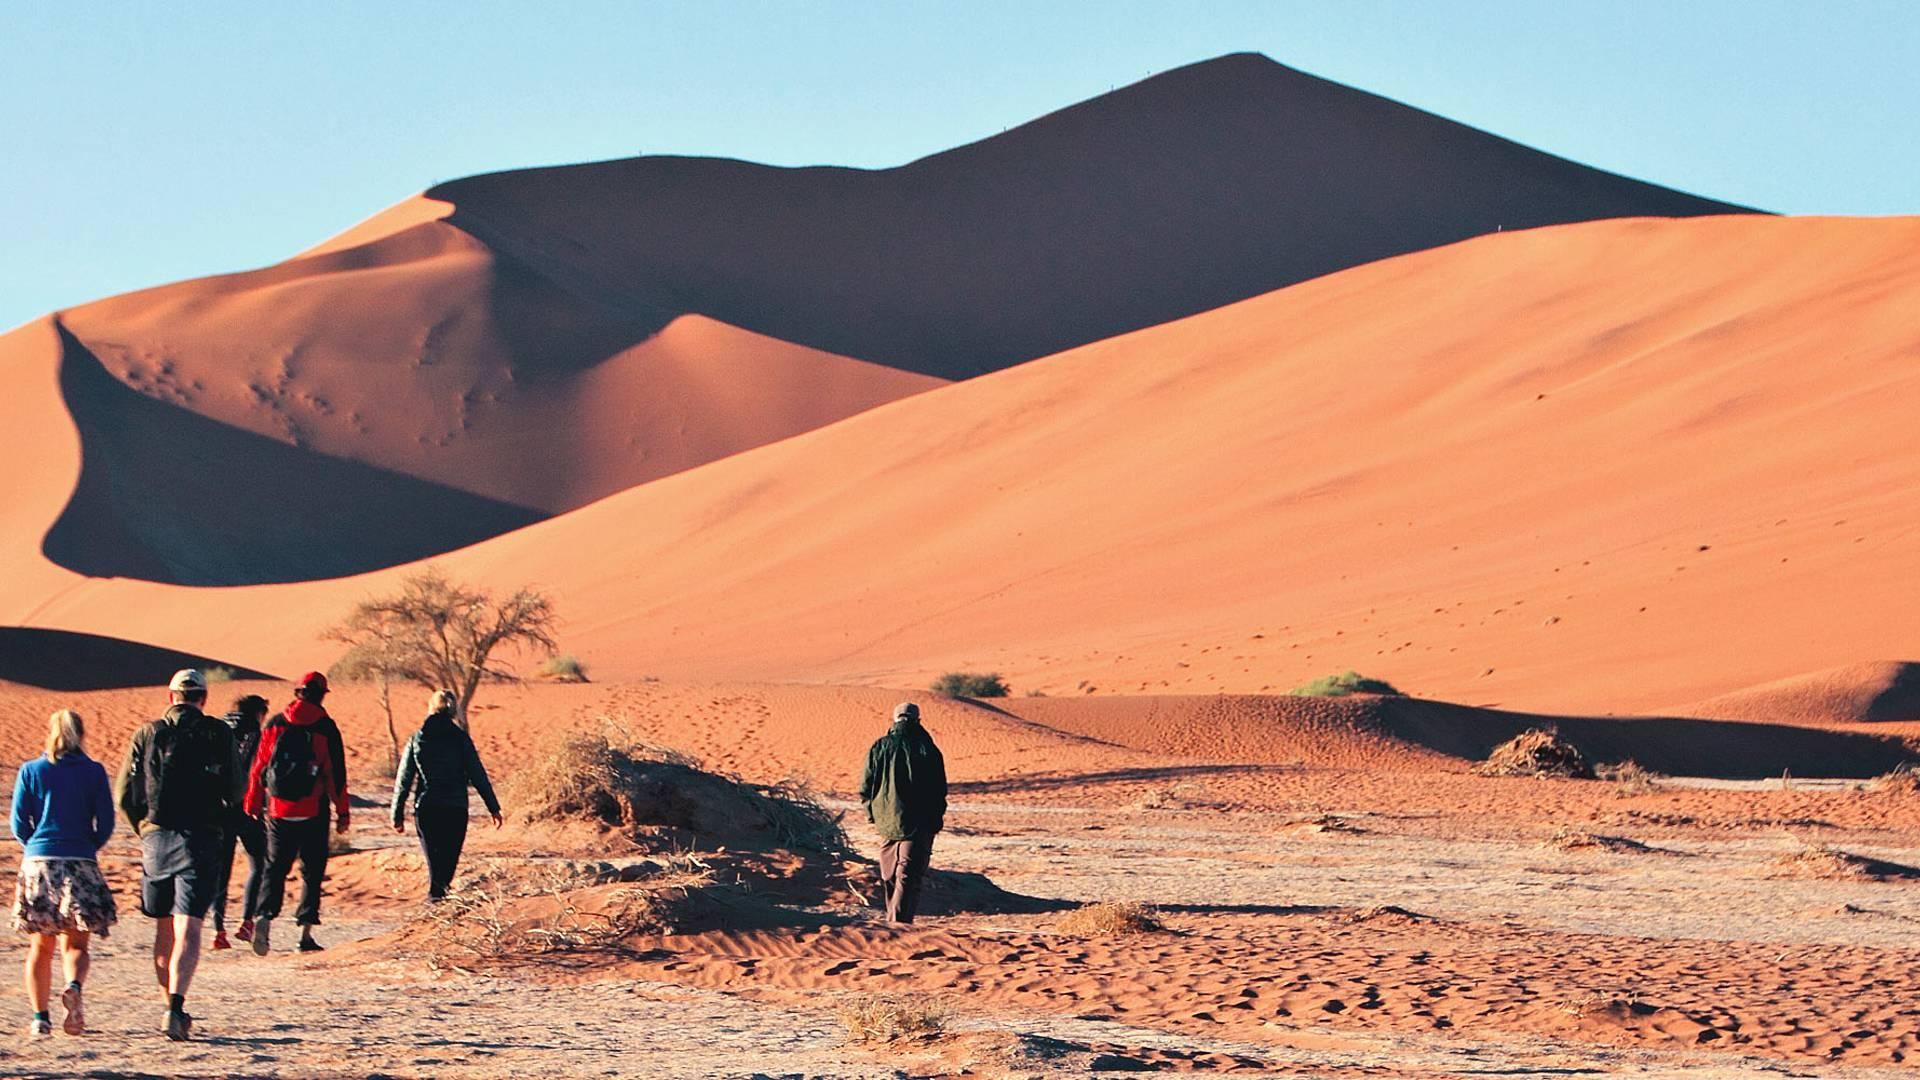 Glanzpunkte im Süden Afrikas